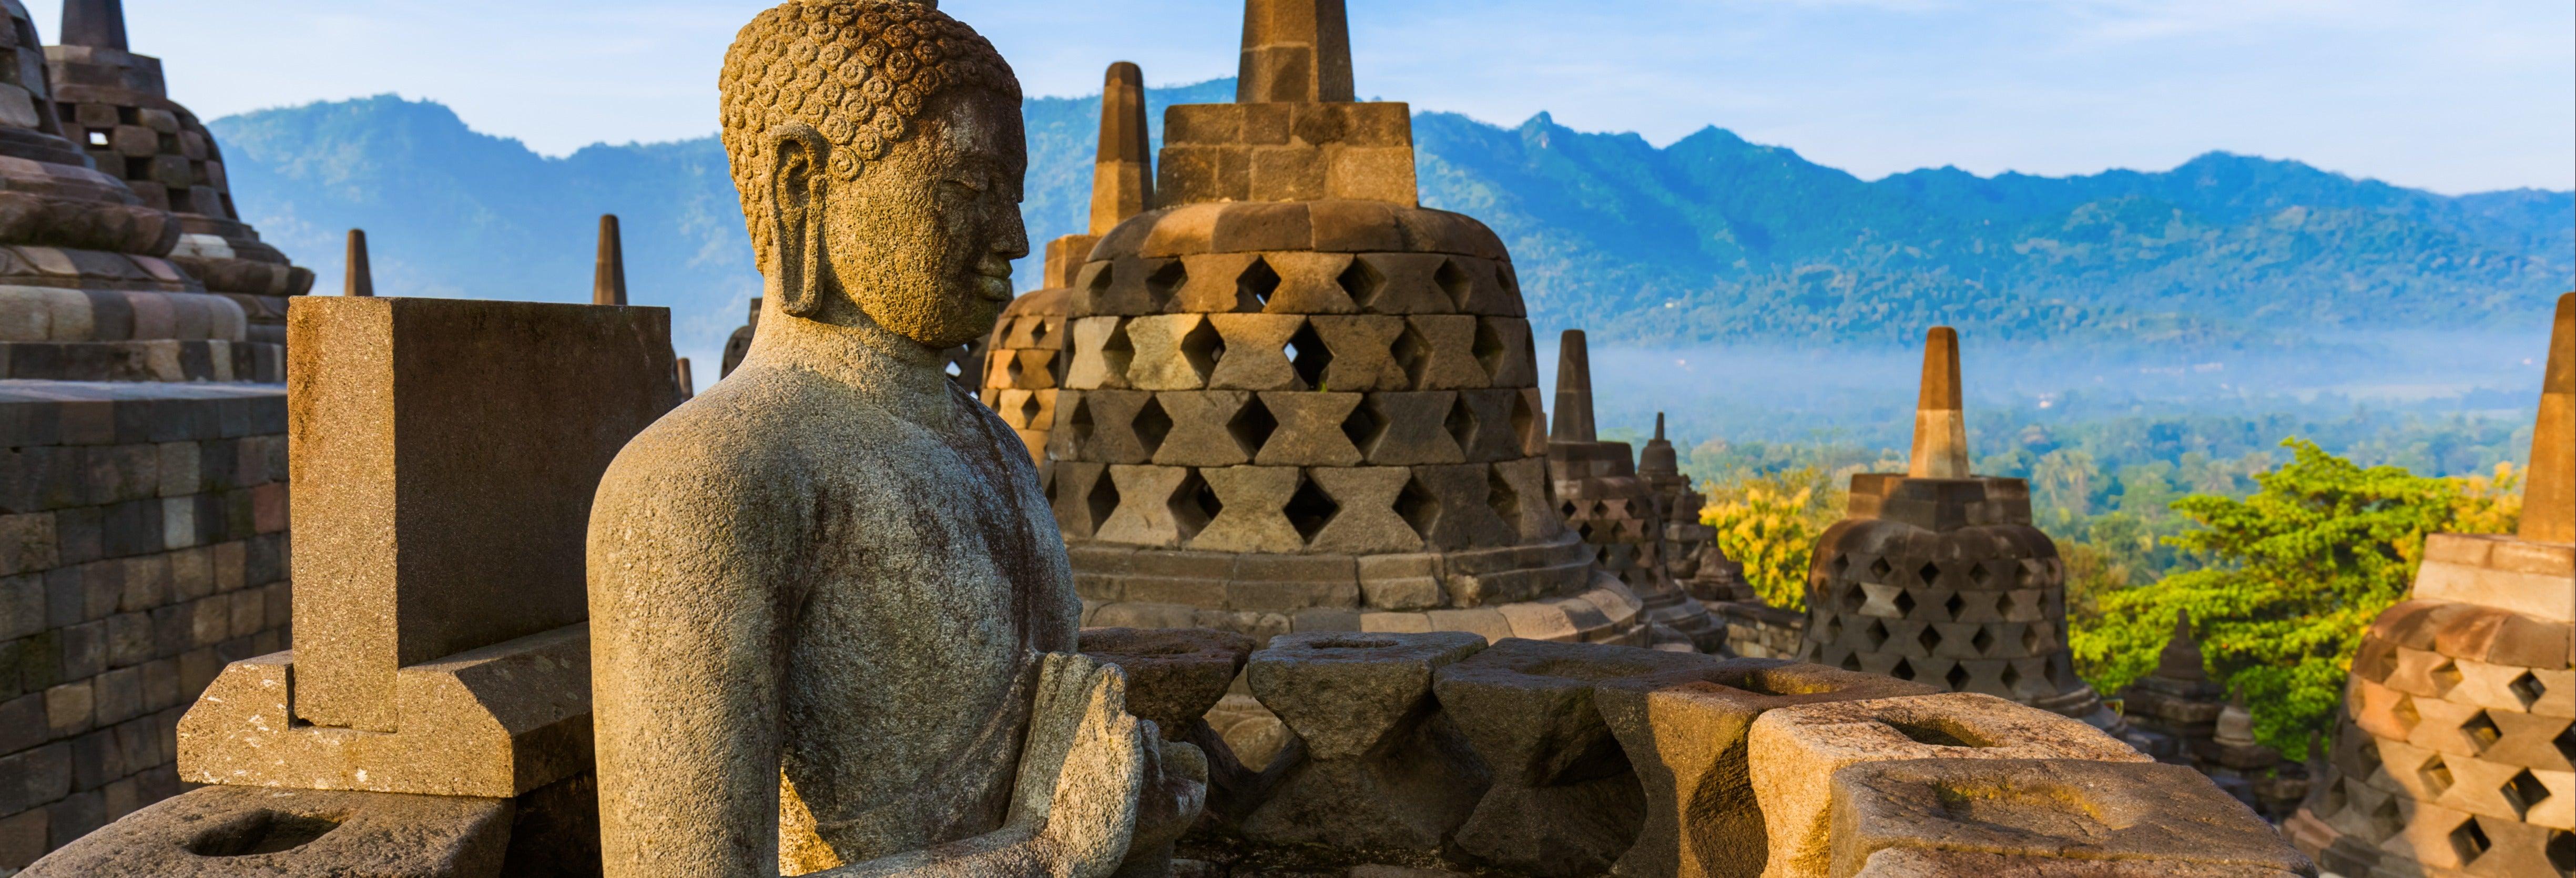 Excursión a los templos de Borobudur y Prambanan